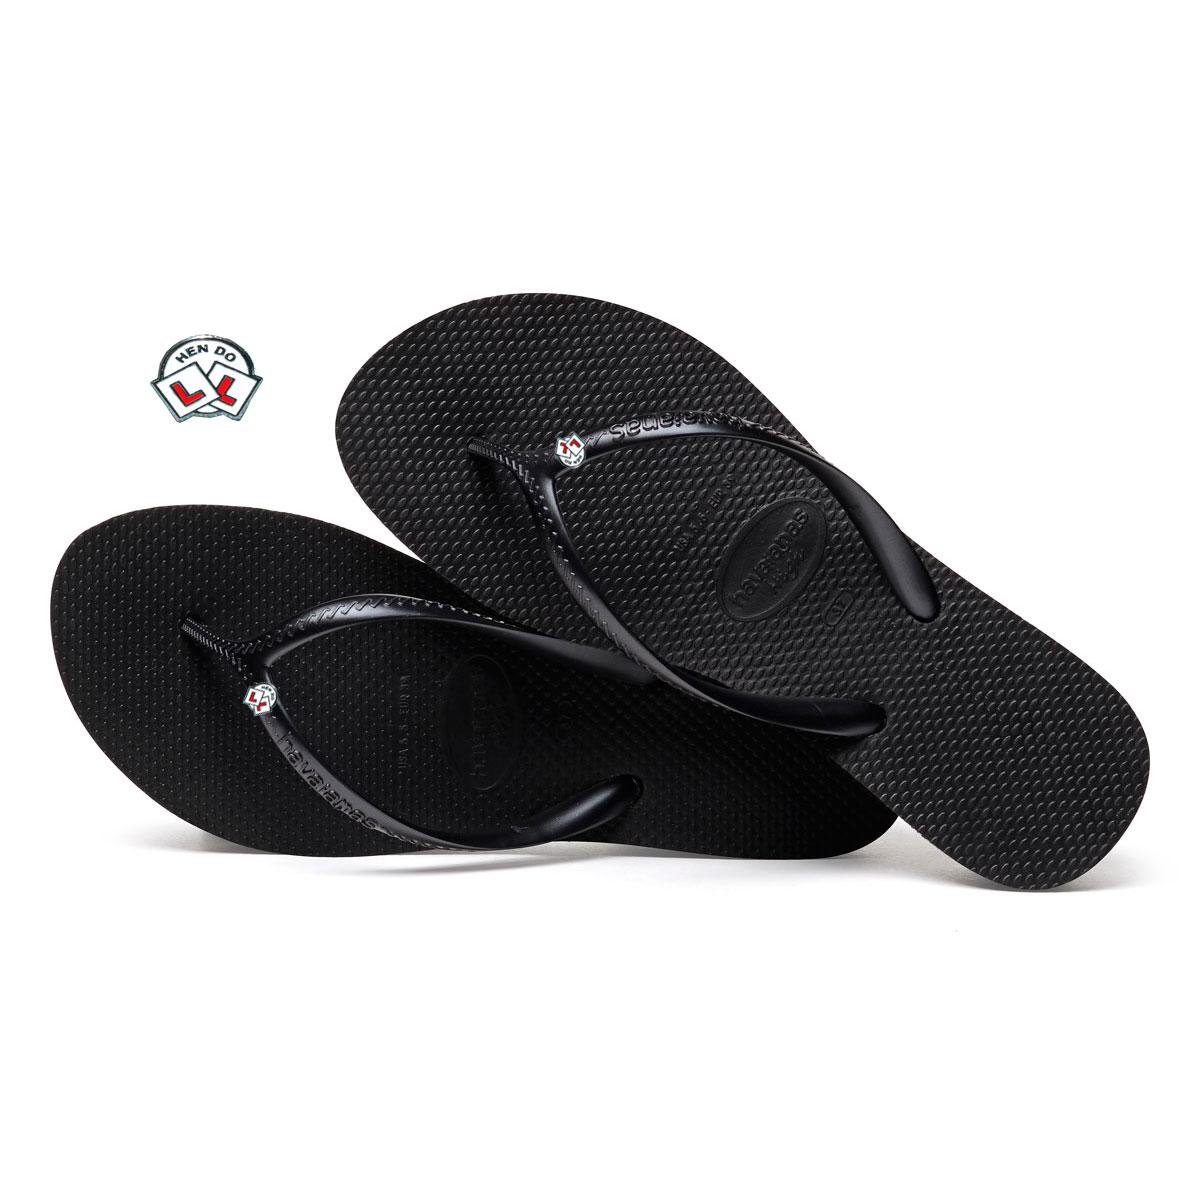 Havaianas Heel Black Flip-Flops with Hen Do Wedding Personalised